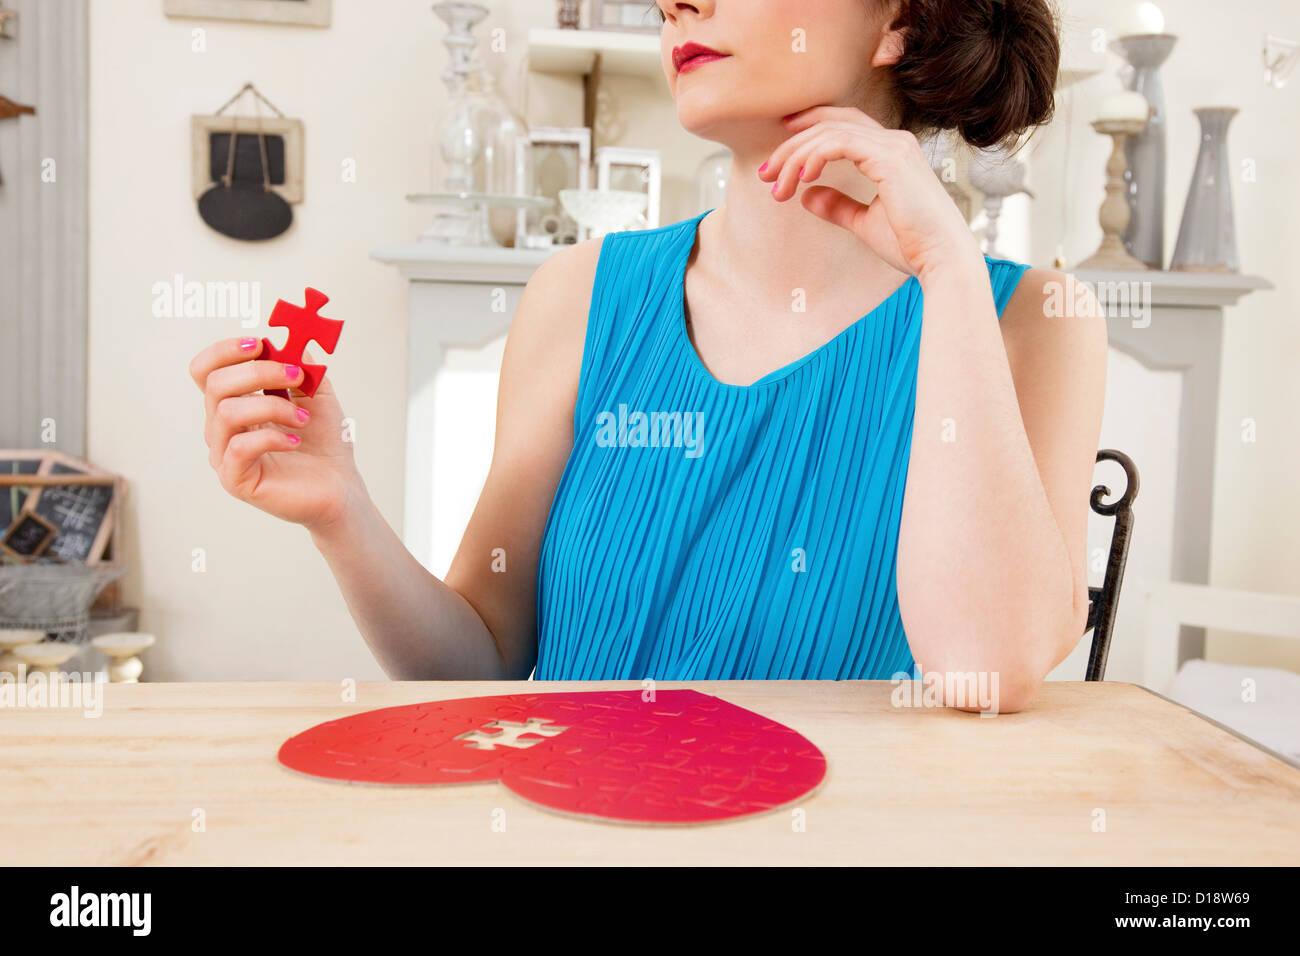 Mulher fazendo puzzle em forma de coração exploração pedaço Imagens de Stock